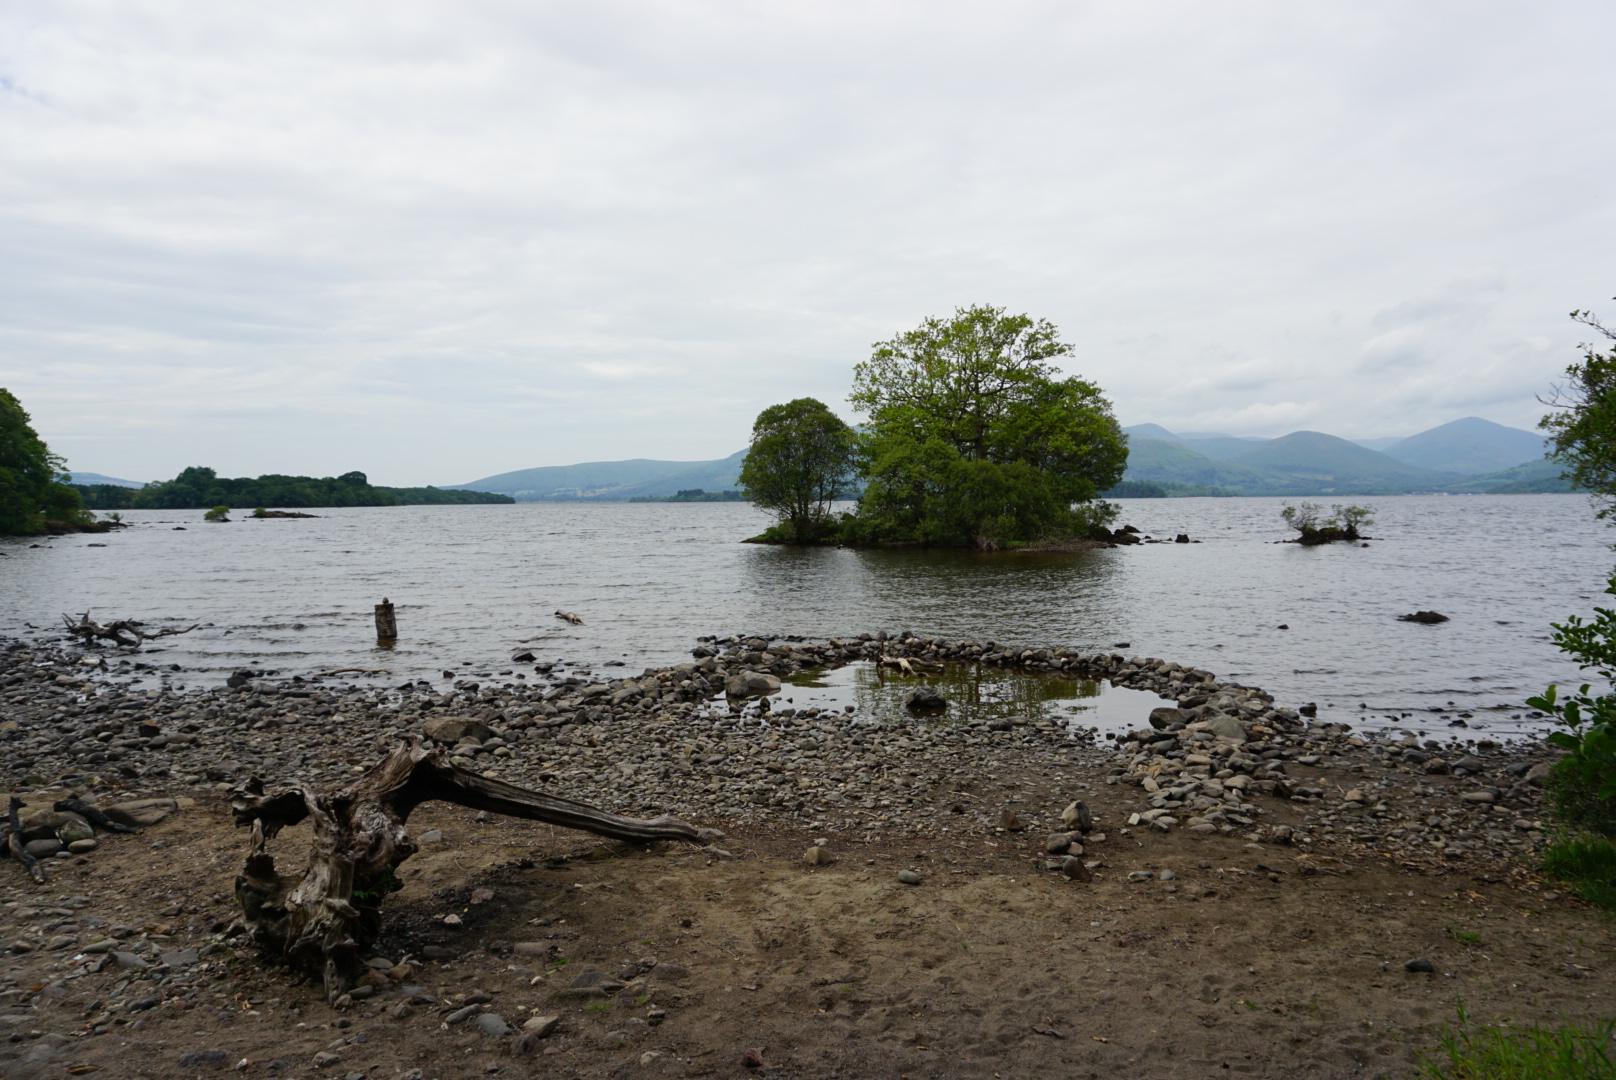 Bonny Loch Lomond